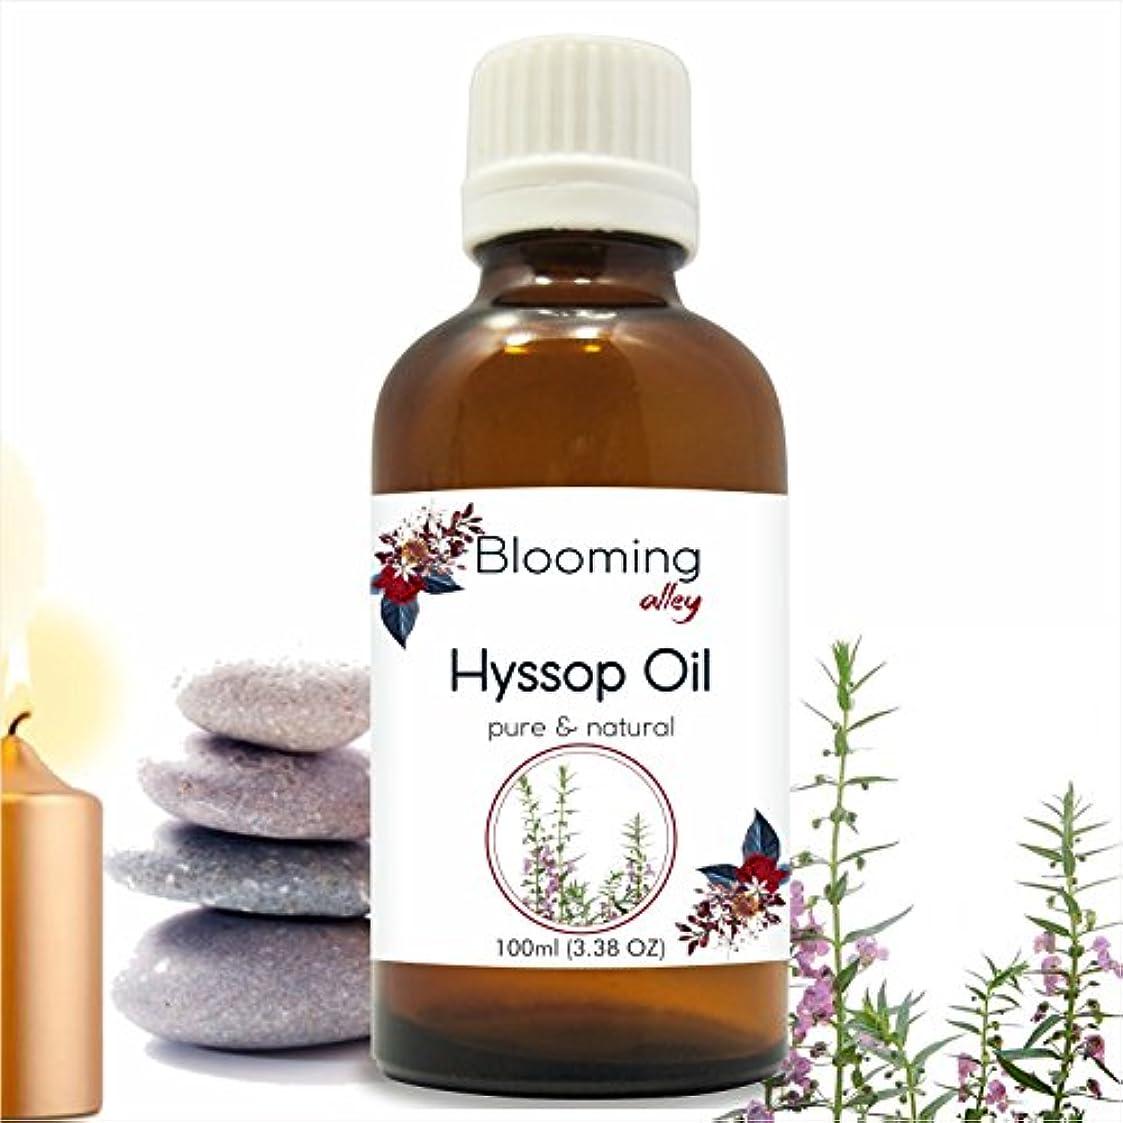 センチメンタル苦勝利Hyssop Oil (Hyssopus Officinalis) Essential Oil 100 ml or 3.38 Fl Oz by Blooming Alley